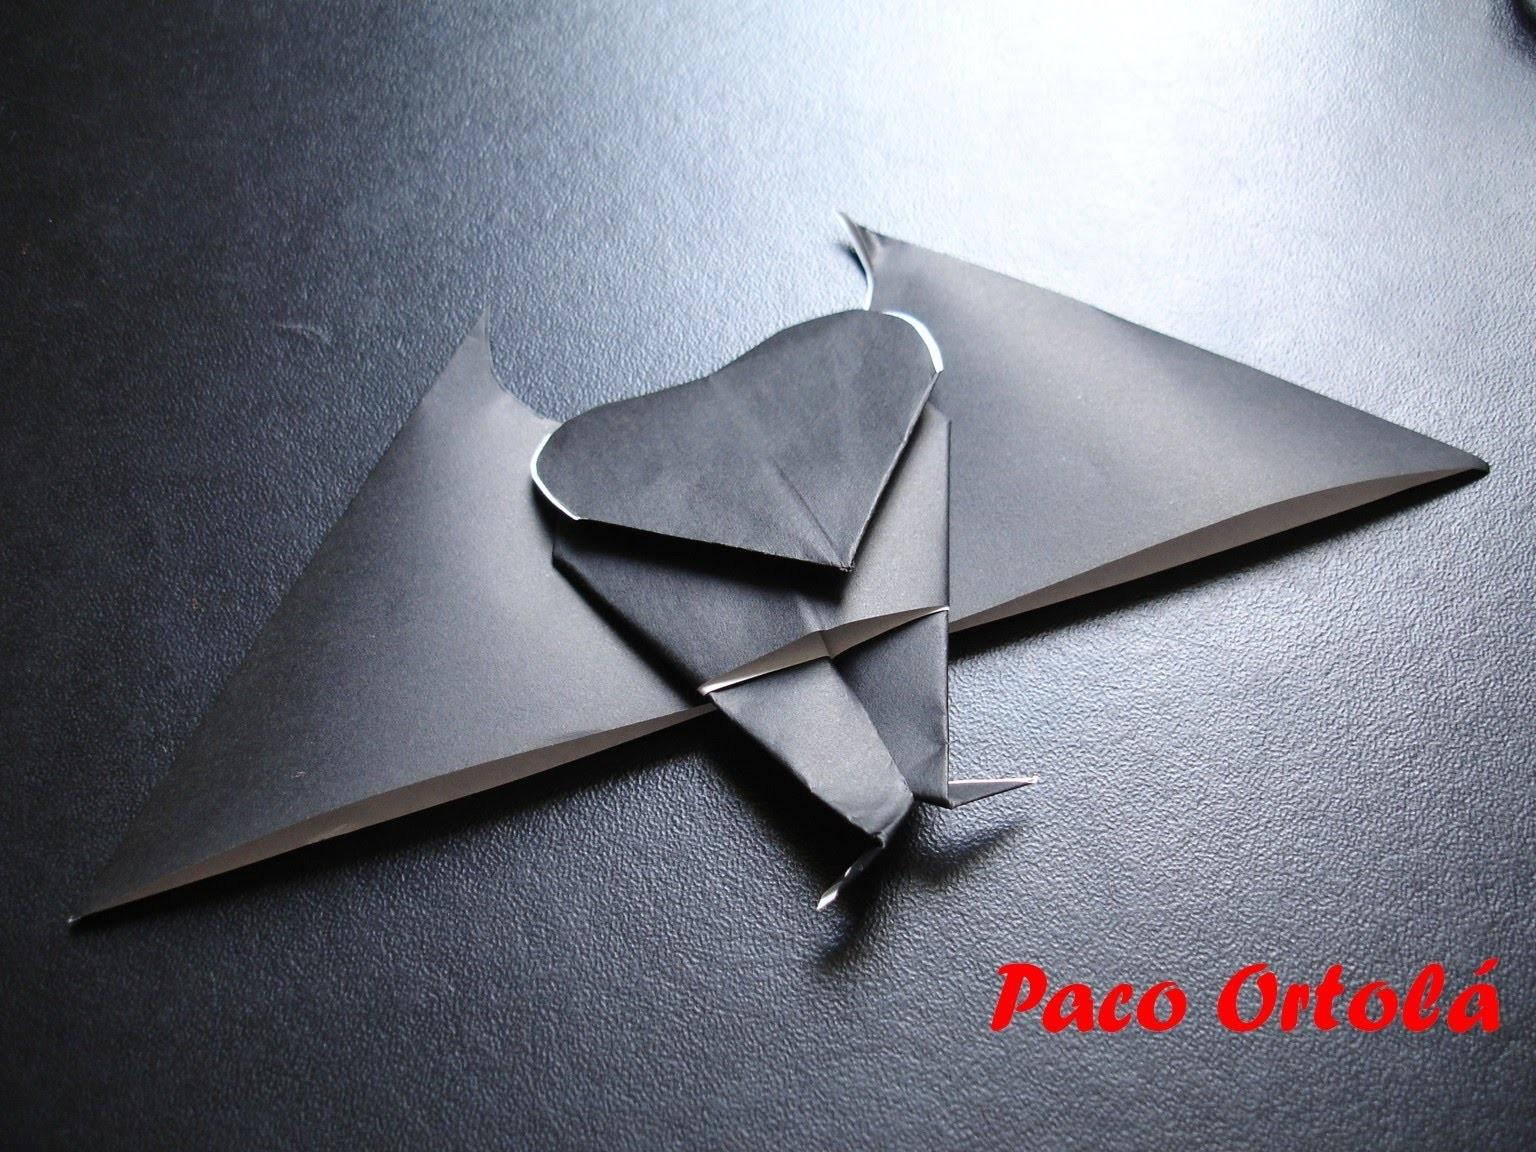 Origami ou dobradura - Morcego